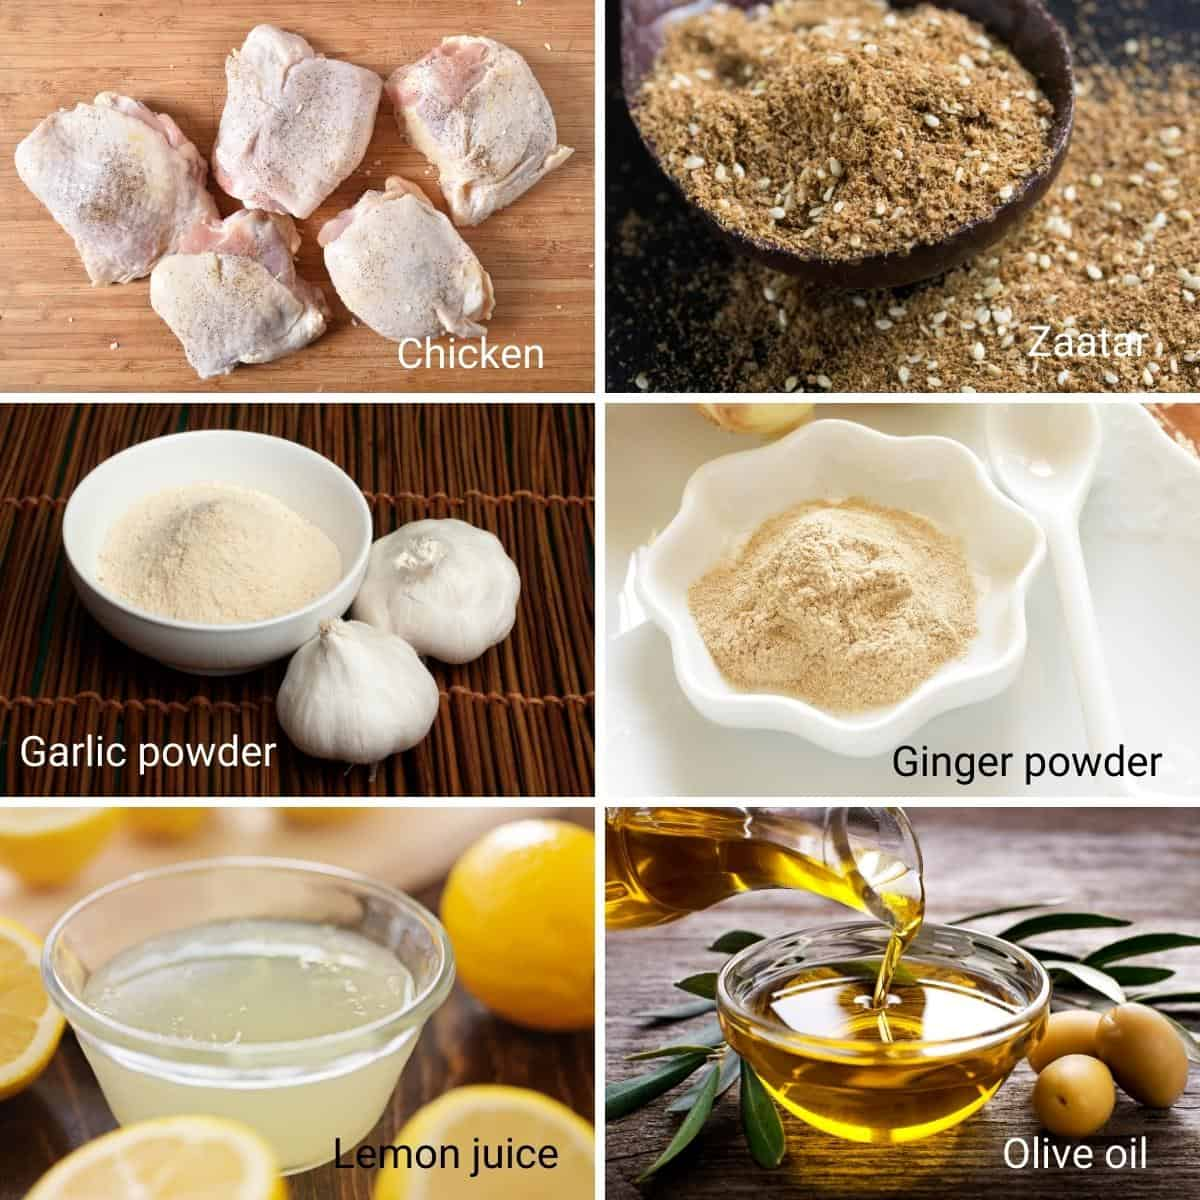 Ingredients Shot collage for zaatar chicken.